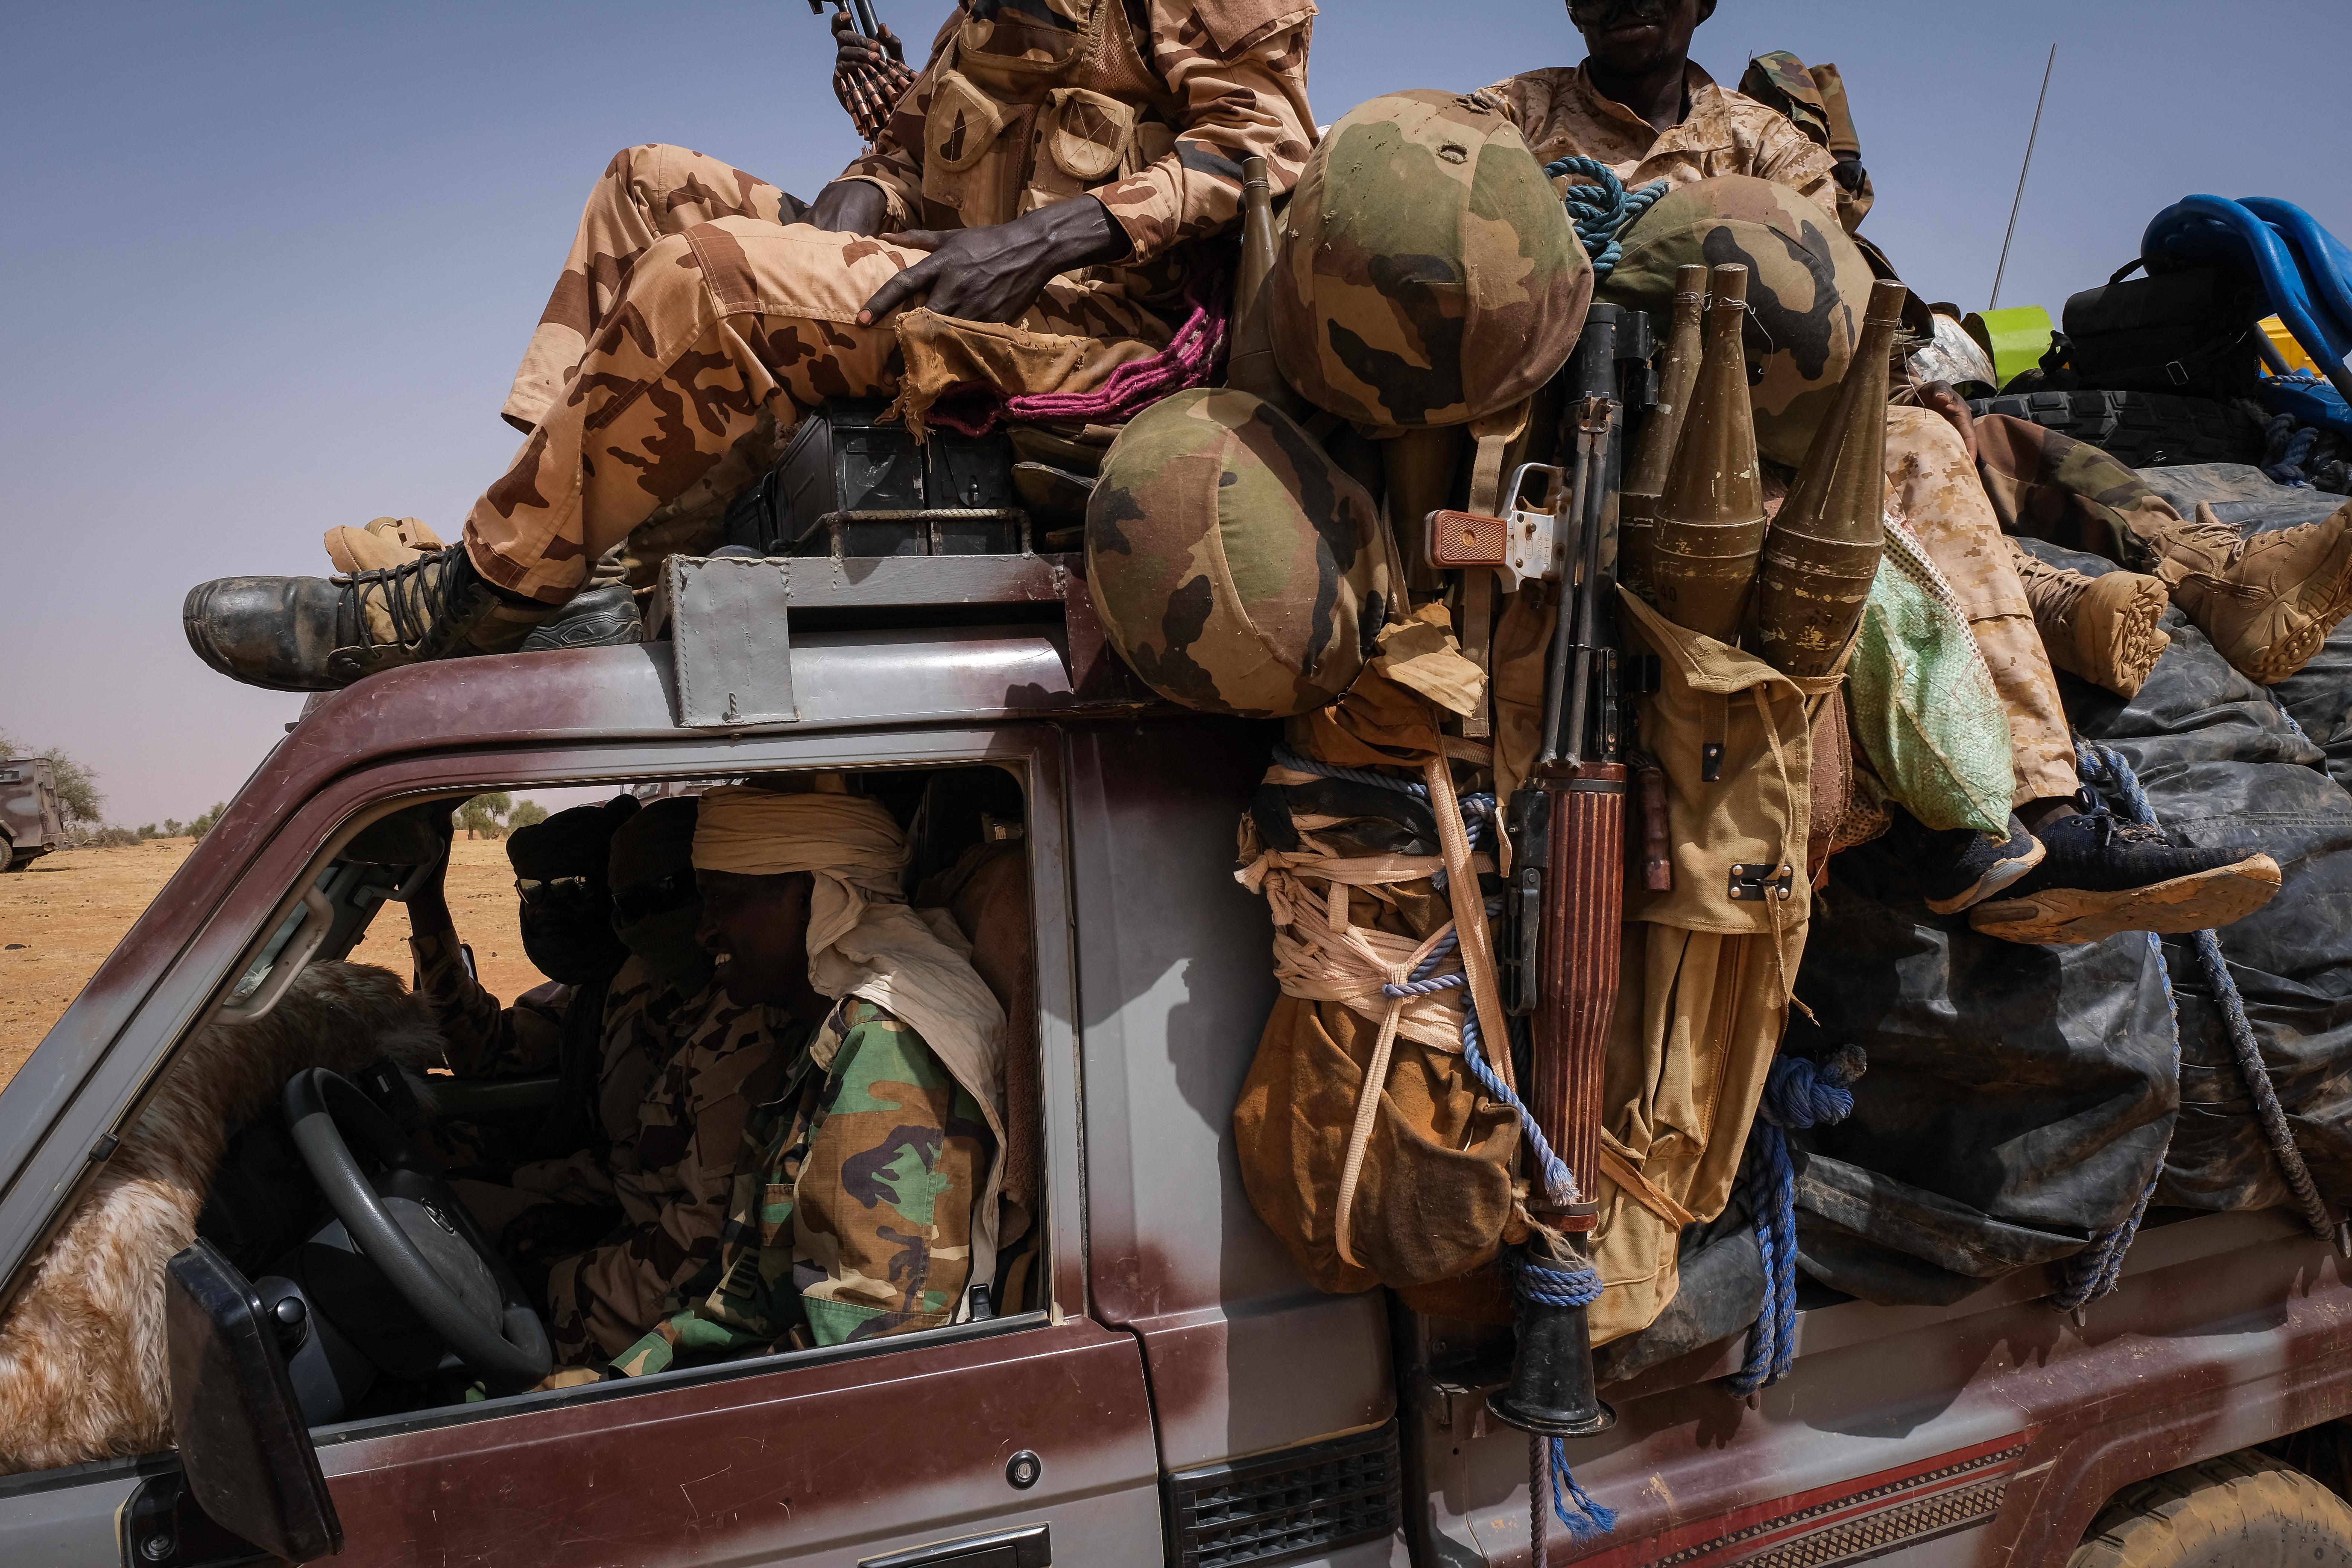 Legalább 138 embert gyilkoltak le fegyveresek Burkina Fasóban